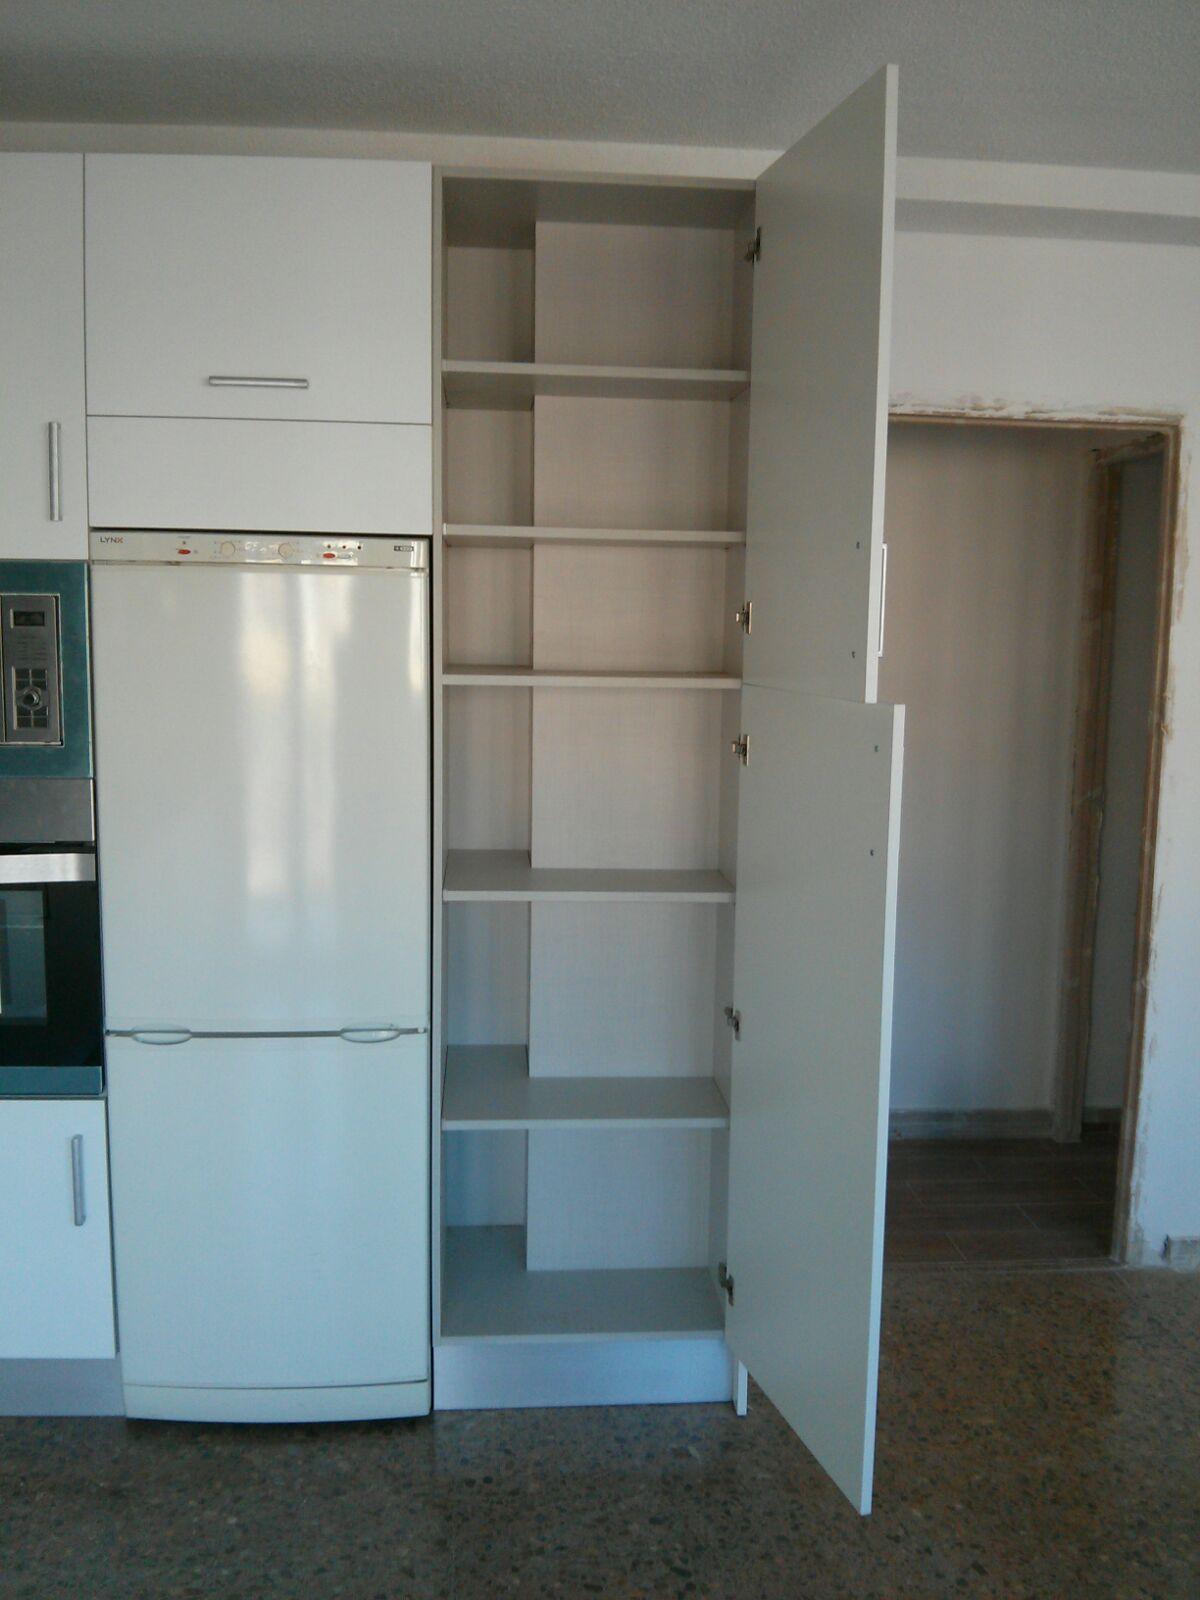 Carpinteria los molinos cocina modelo maxximatt blanco for Mueble persiana cocina